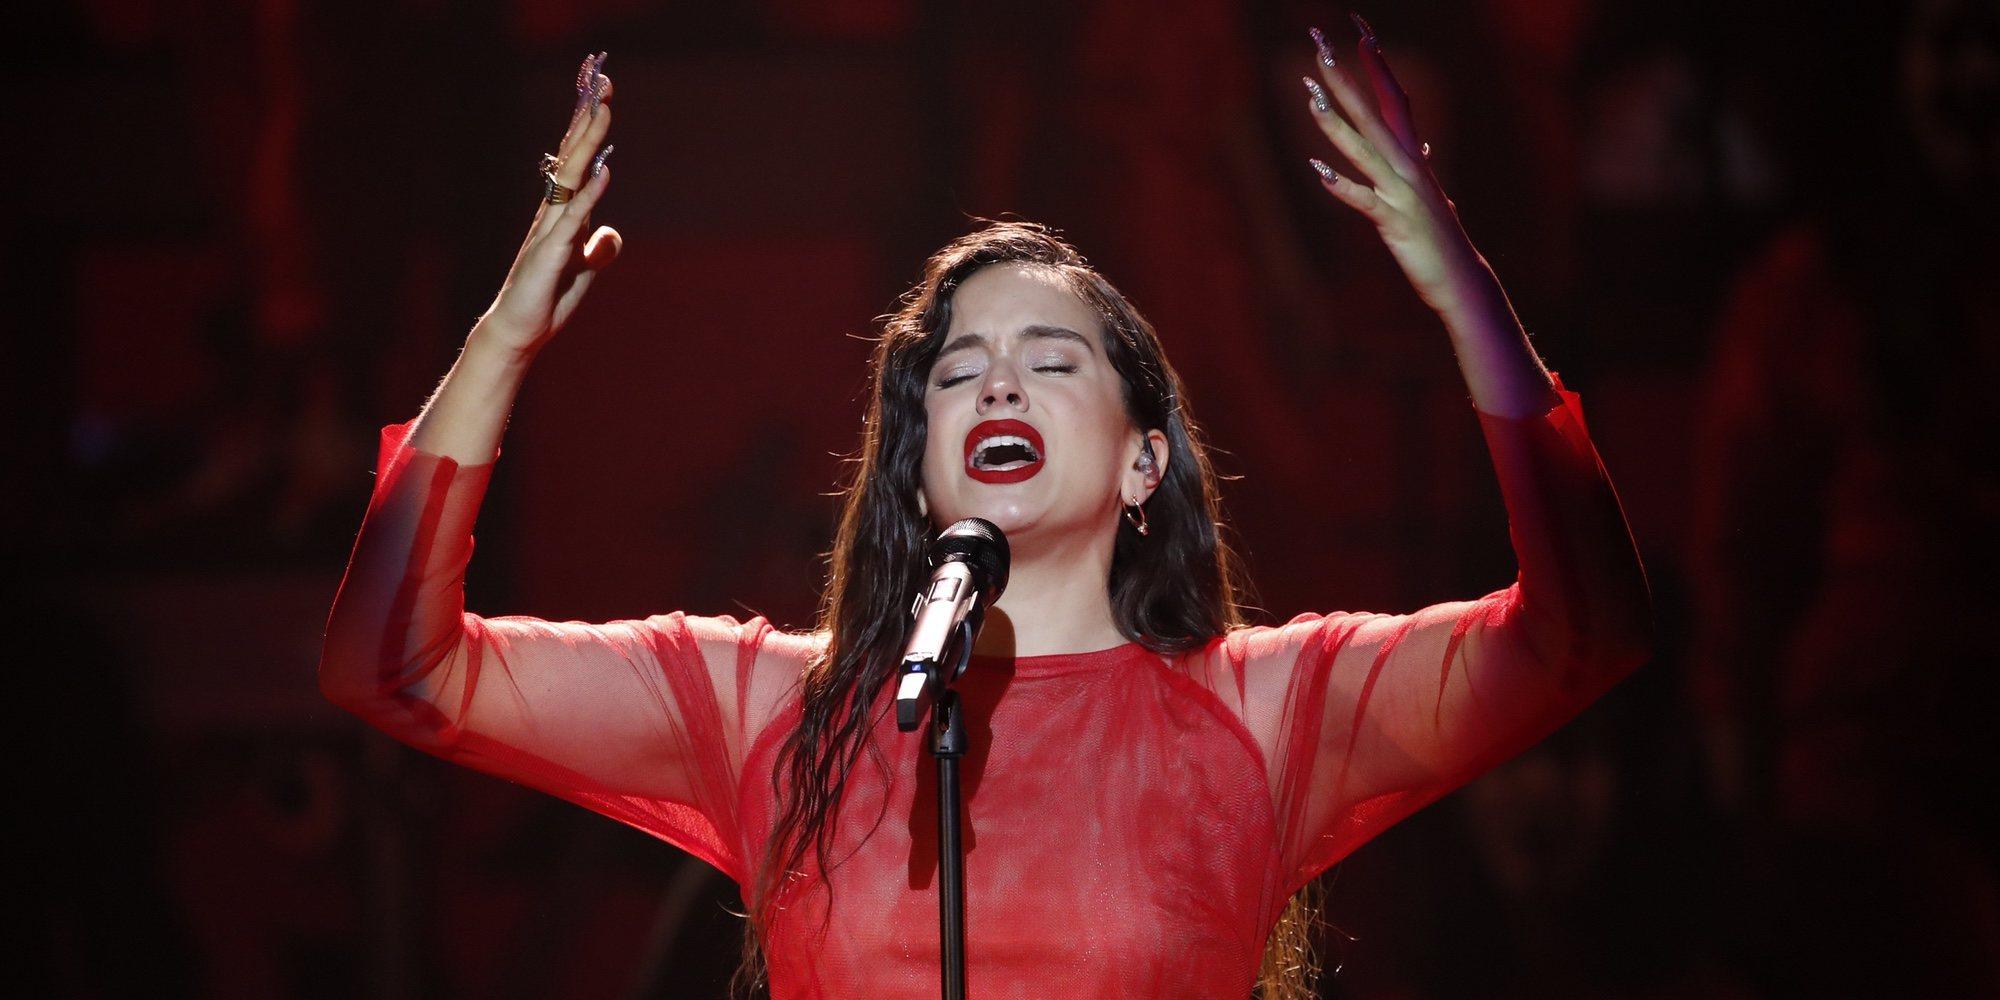 Rosalía vuelve a sorprender cantando en catalán su nuevo single 'Fucking Money Man'